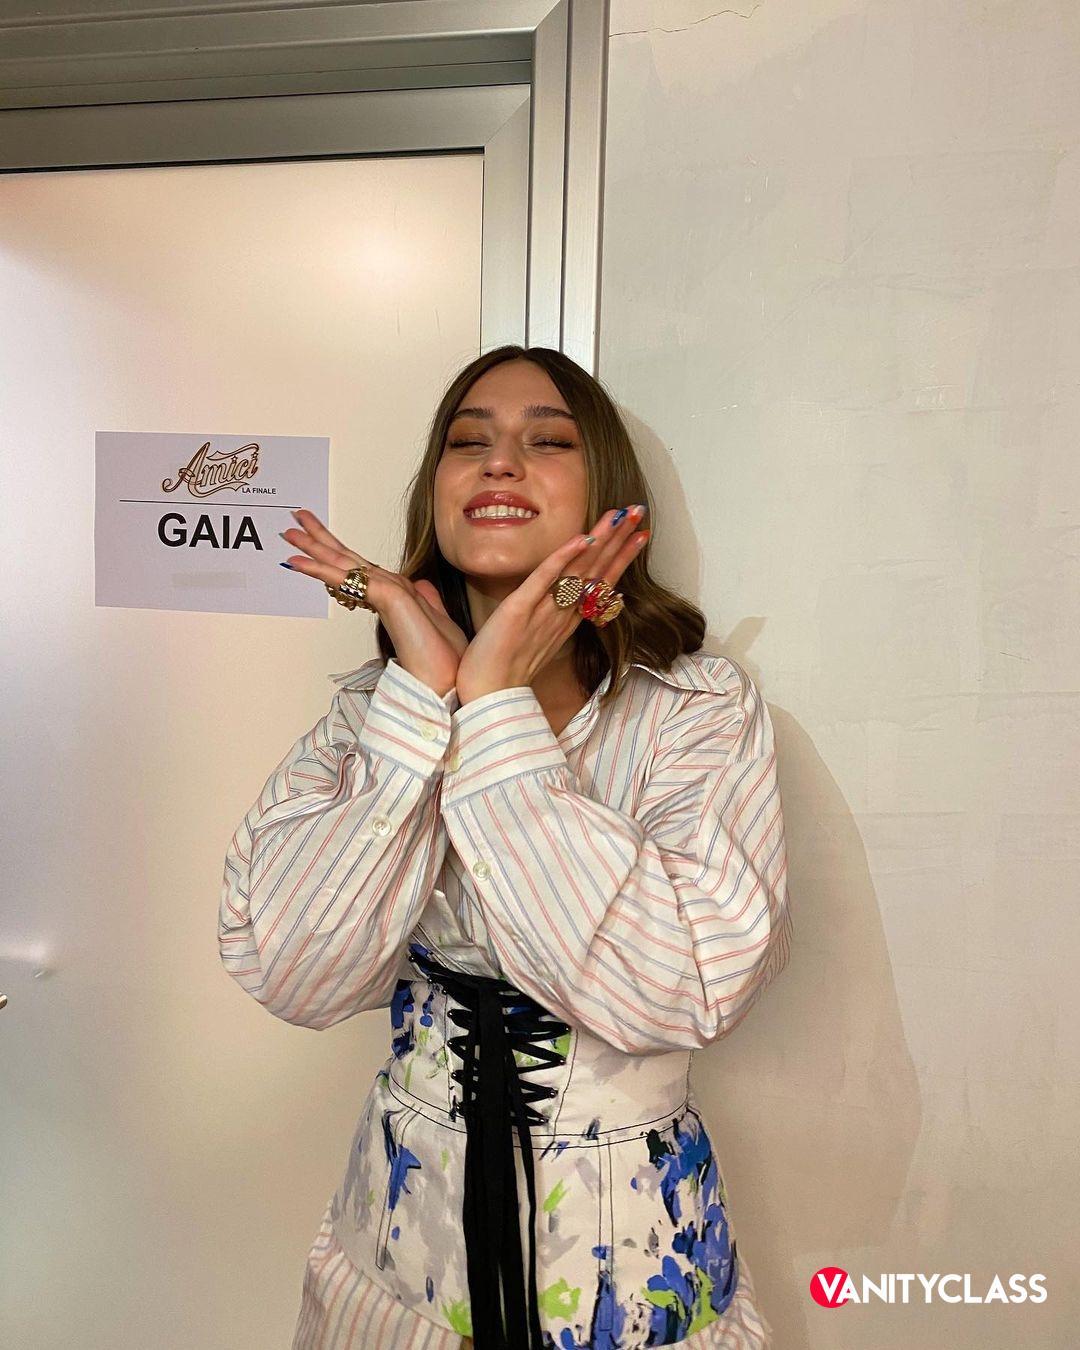 GAIA annuncia sui social l'uscita del suo nuovo album